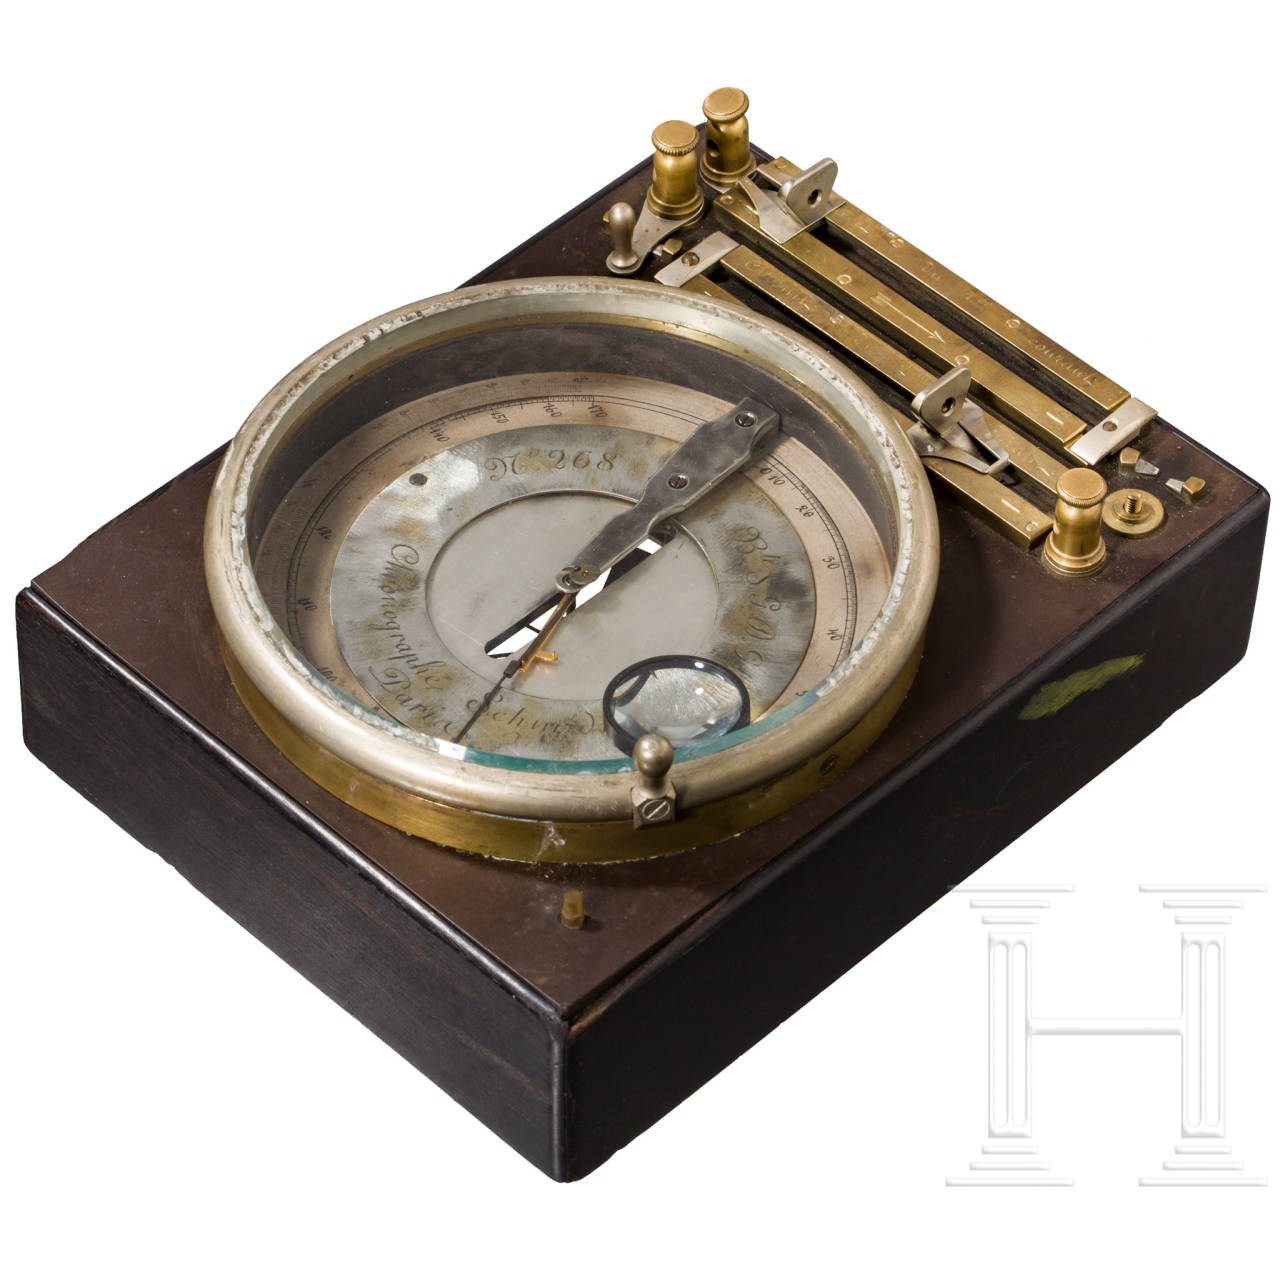 Schmidt's Chronograph zur Messung der Geschossgeschwindigkeit, um 1890